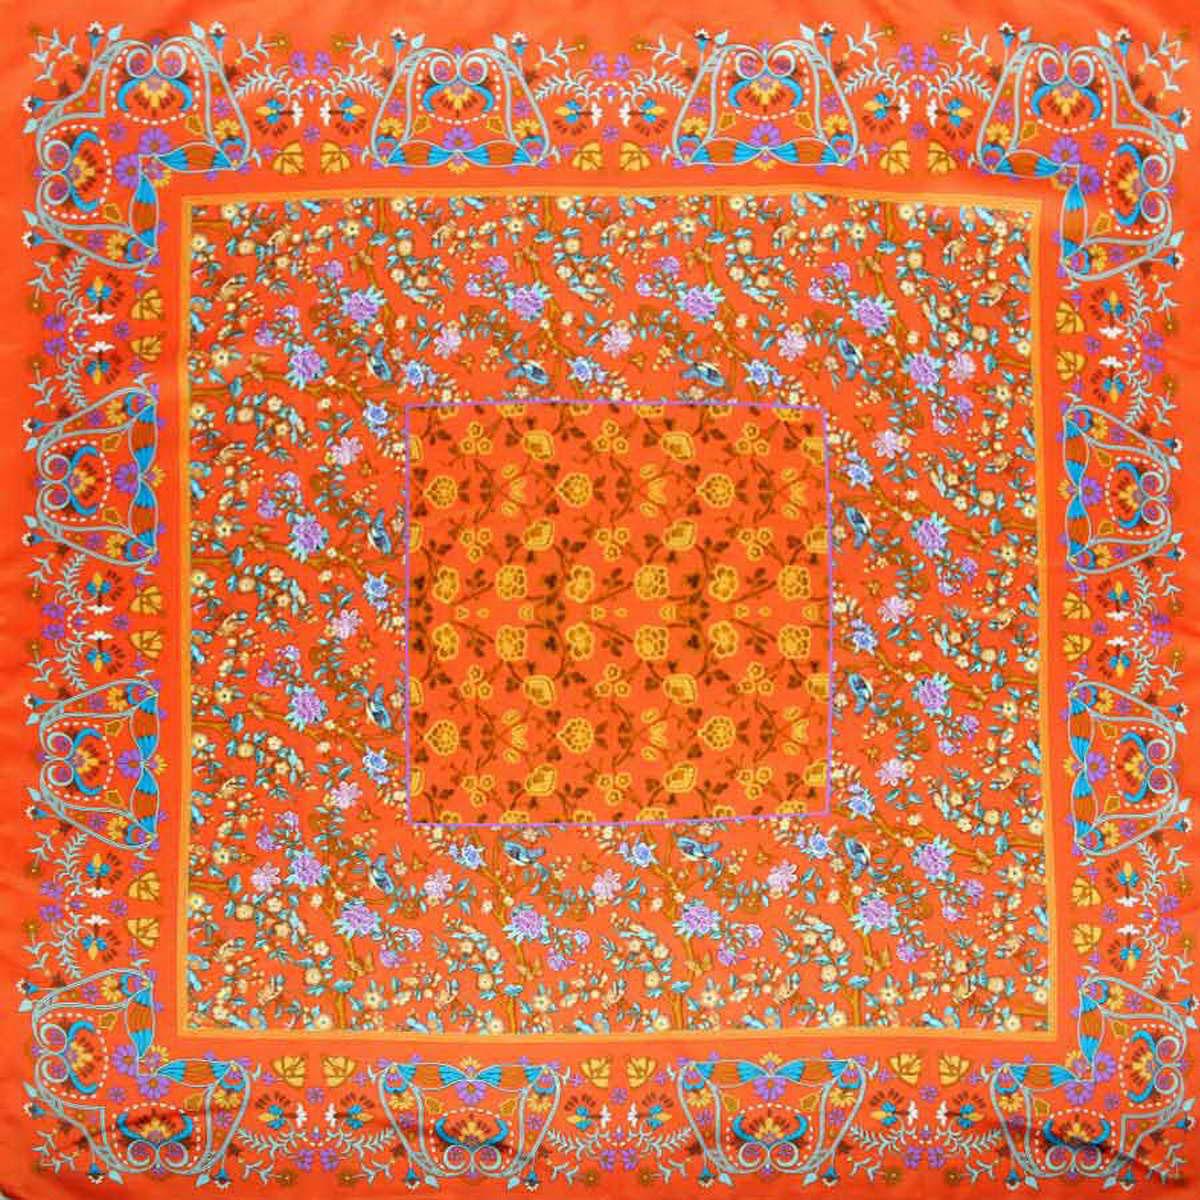 Платок женский. 3904972_цветы, узоры3904972-28Стильный женский платок Venera станет великолепным завершением любого наряда. Платок, изготовленный из полиэстера, оформлен цветочный принтом. Классическая квадратная форма позволяет носить платок на шее, украшать им прическу или декорировать сумочку. Легкий и приятный на ощупь платок поможет вам создать изысканный женственный образ. Такой платок превосходно дополнит любой наряд и подчеркнет ваш неповторимый вкус и элегантность.